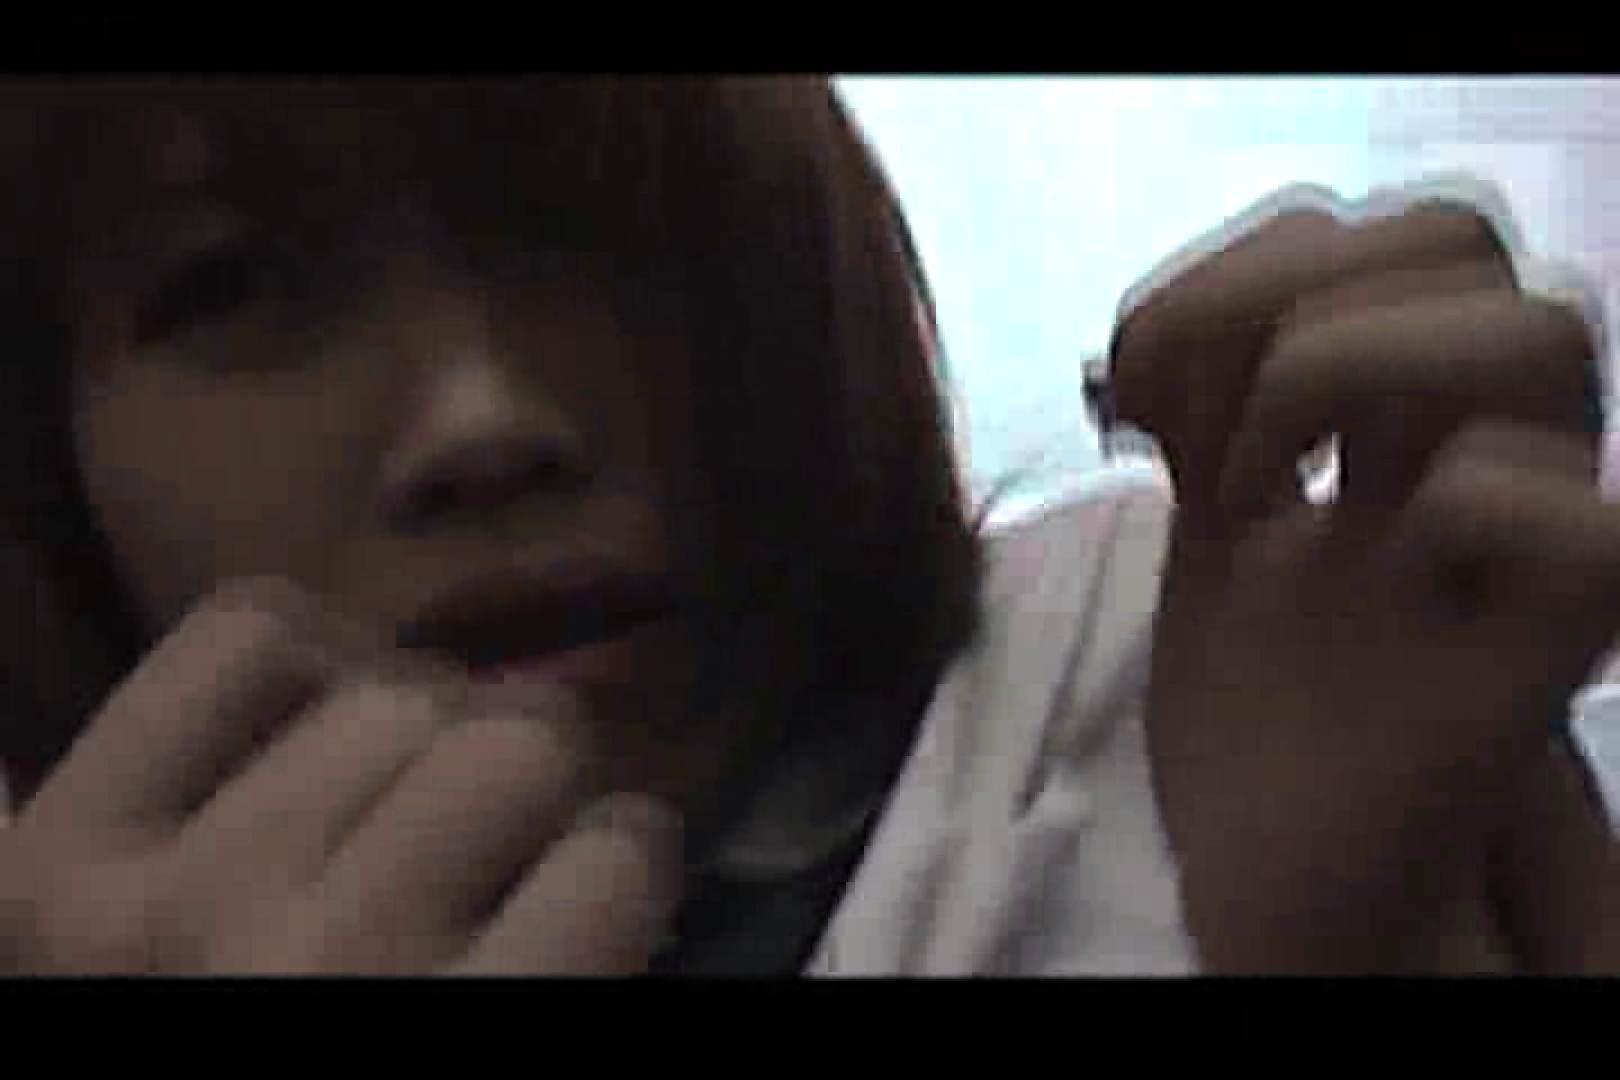 ぶっ掛け電車 只今運行中Vol.6 制服エロ画像 スケベ動画紹介 73PICs 69